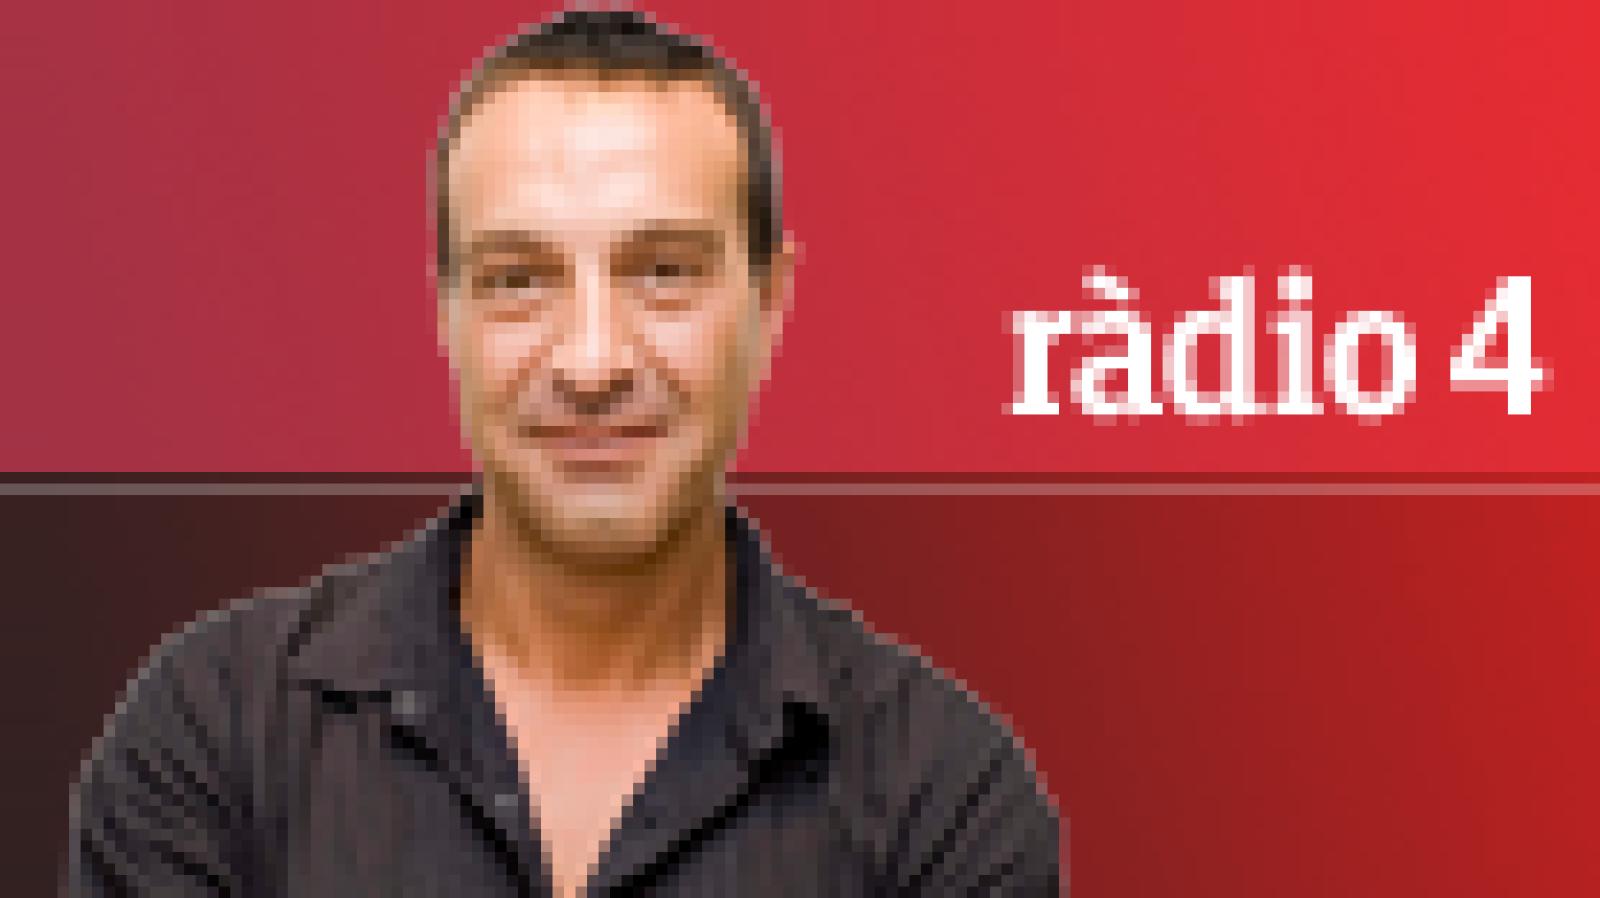 Matí a 4 Bandes - Secció de periodisme col·lectiu Mèdia.cat. Entrevista a Miquel Molina 'Una flor del mal'